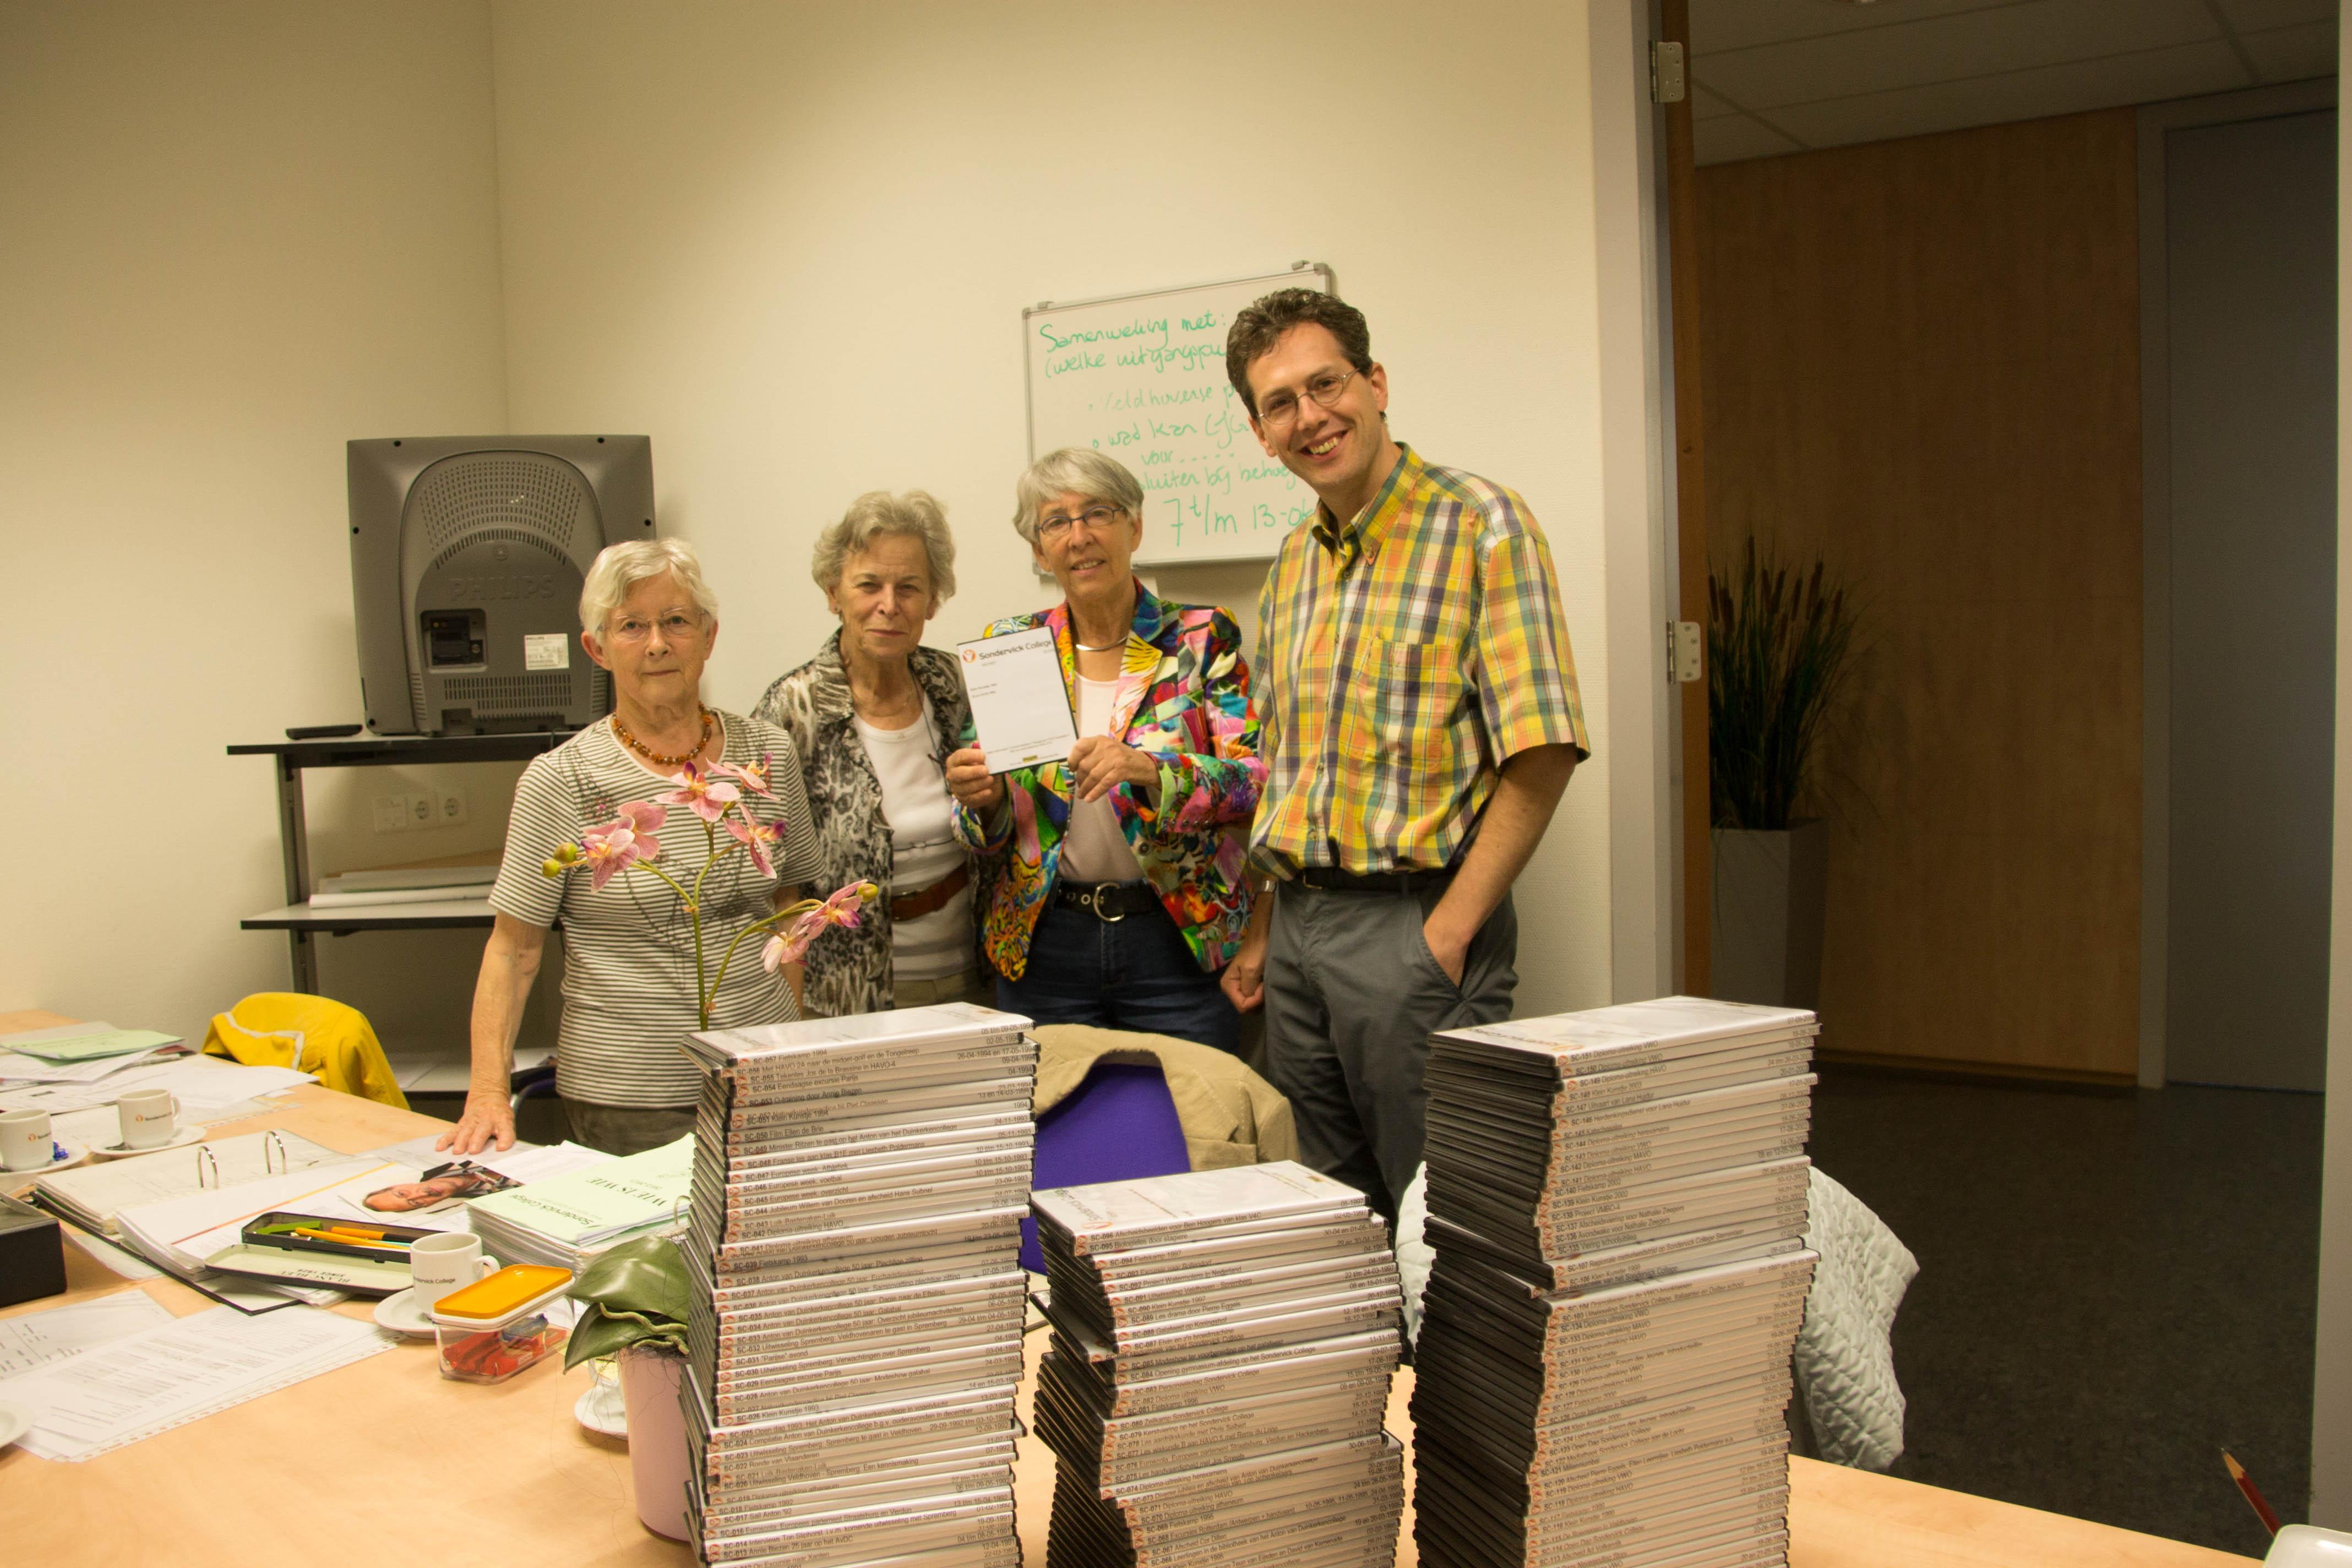 Overhandiging DVD's aan schoolarchief. Van links naar rechts: Rieky Hart, An van der Vleuten, Jacqueline Damen en David van Kemenade.